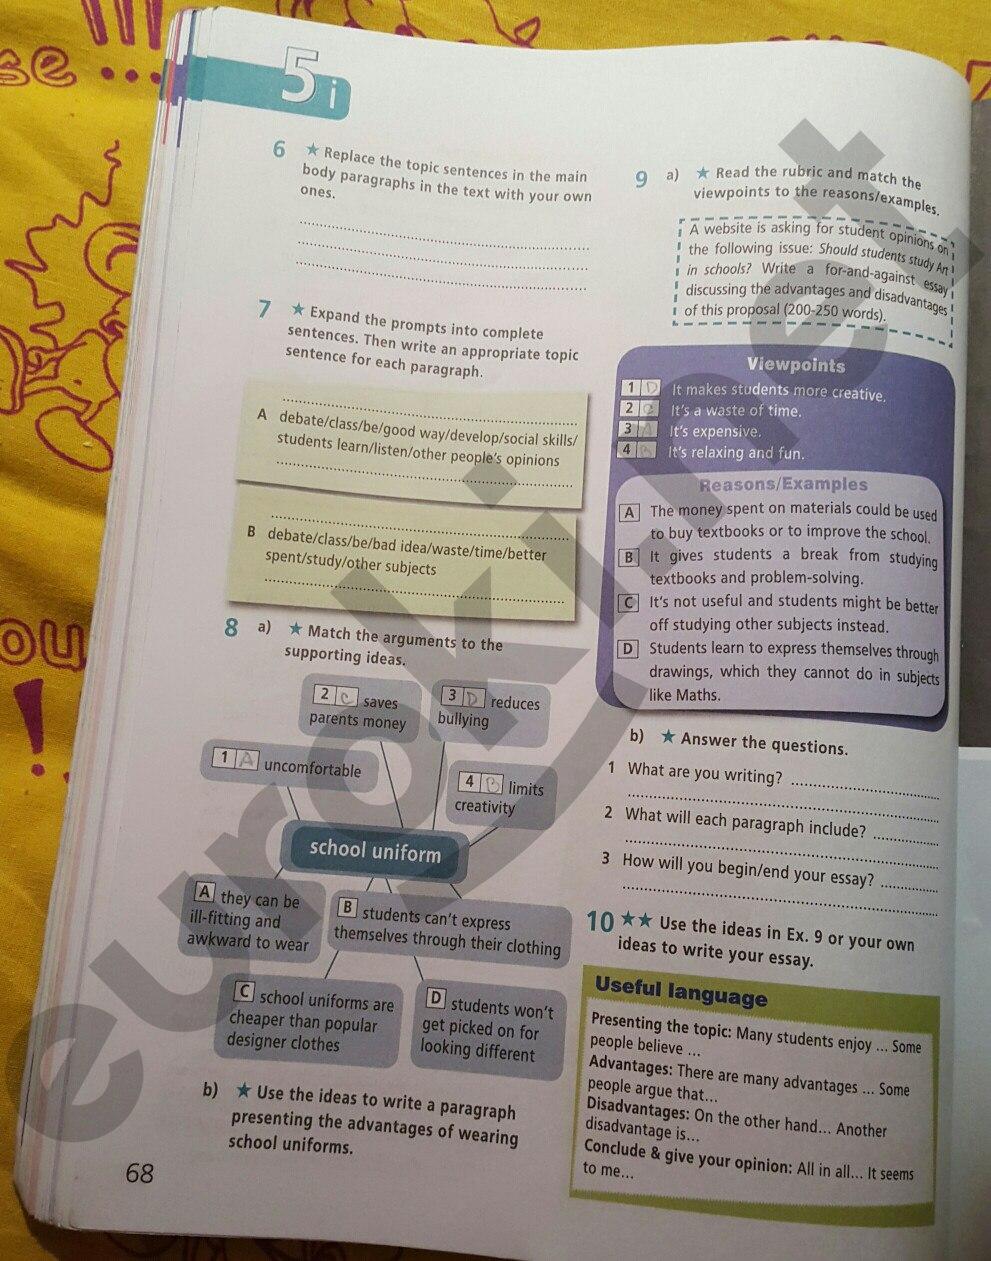 ГДЗ по английскому языку 8 класс рабочая тетрадь Баранова. Задание: стр. 68